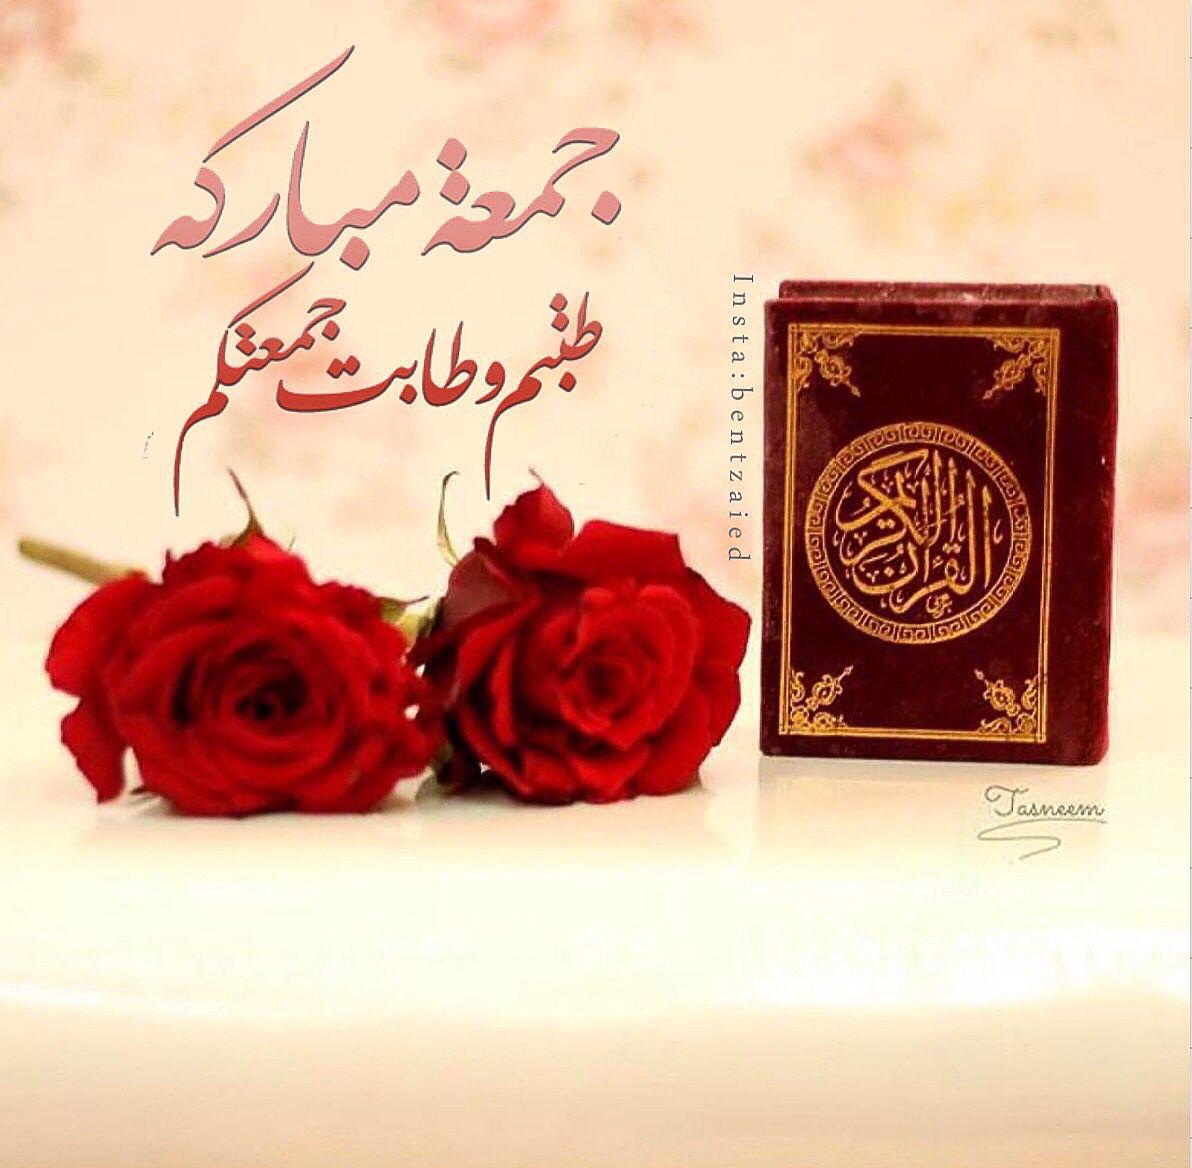 جمعه مباركه Floral Border Design Islamic Images Islamic Pictures